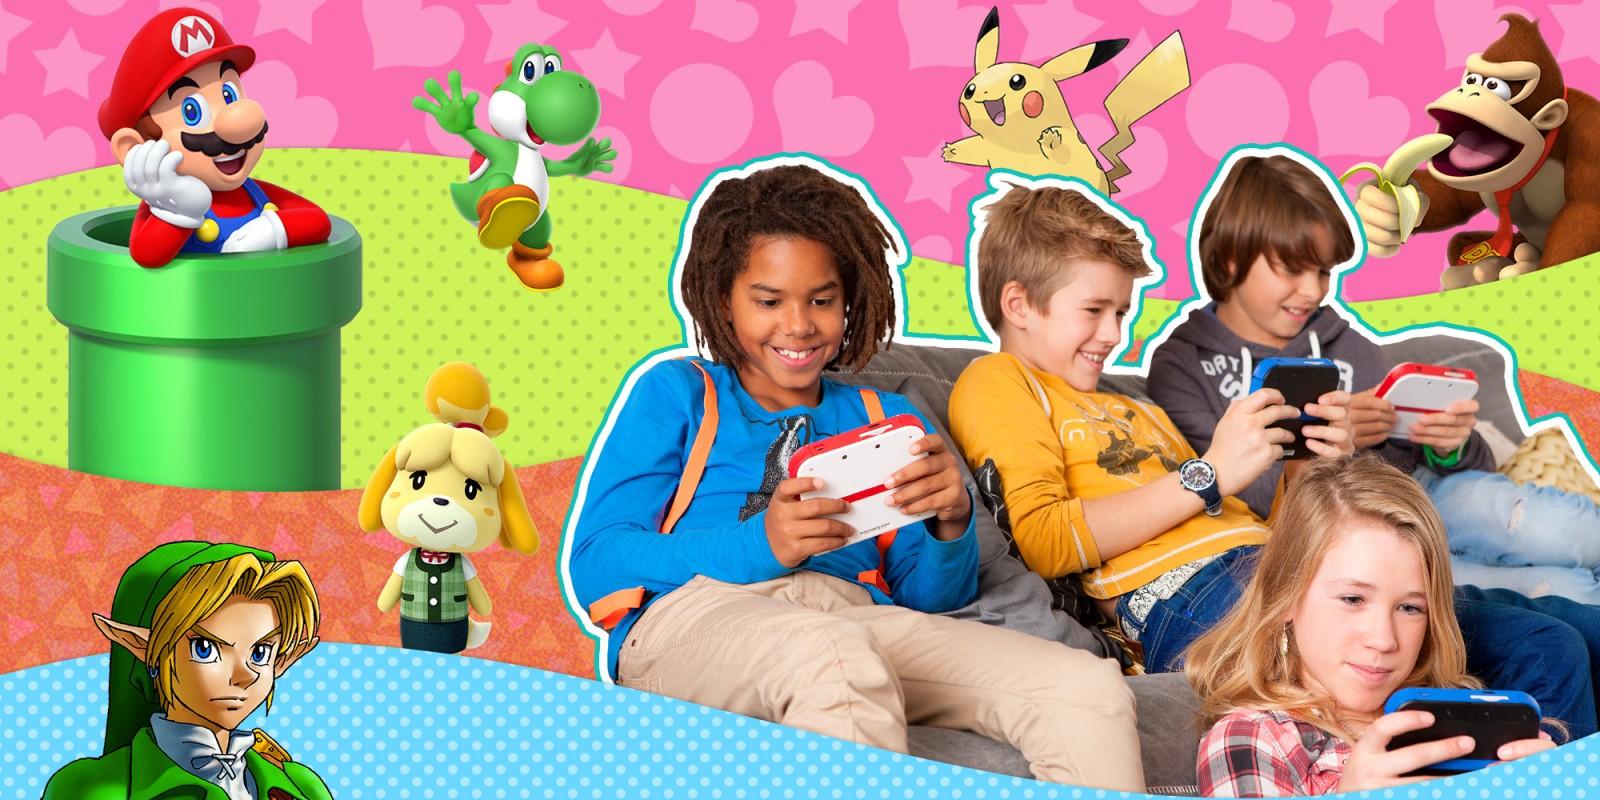 Jeux Nintendo Pour Les Enfants Nintendo Series Jeux Educatif 3 Ans En Ligne